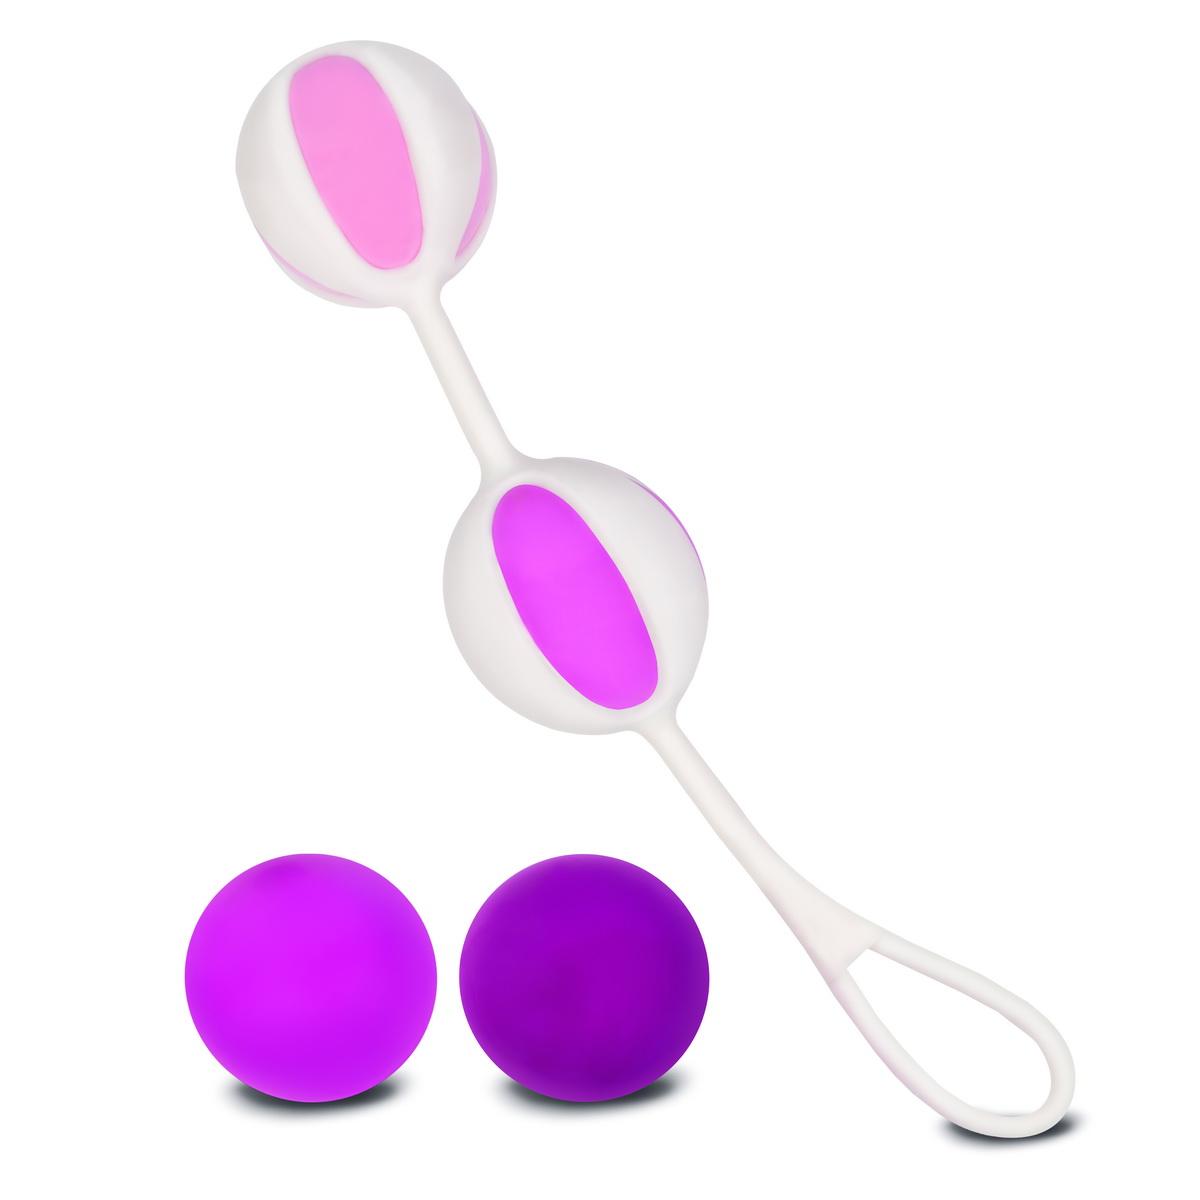 Fun Toys - Geisha Balls 2